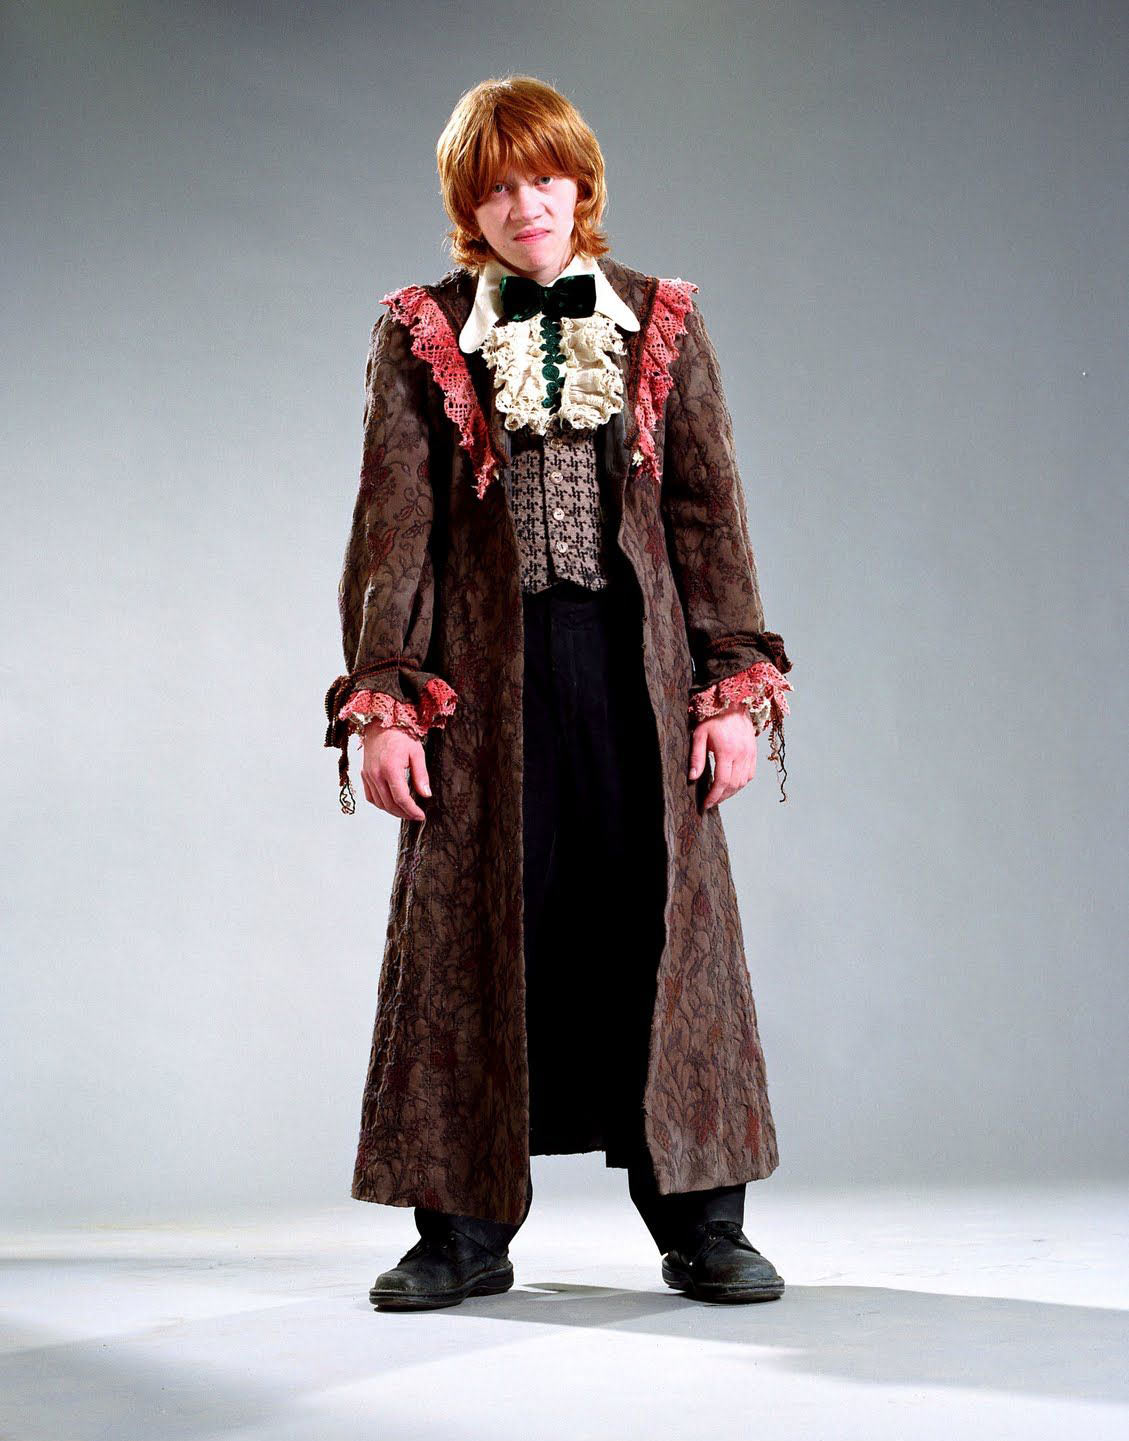 Ron Weasley Yule Ball portrait